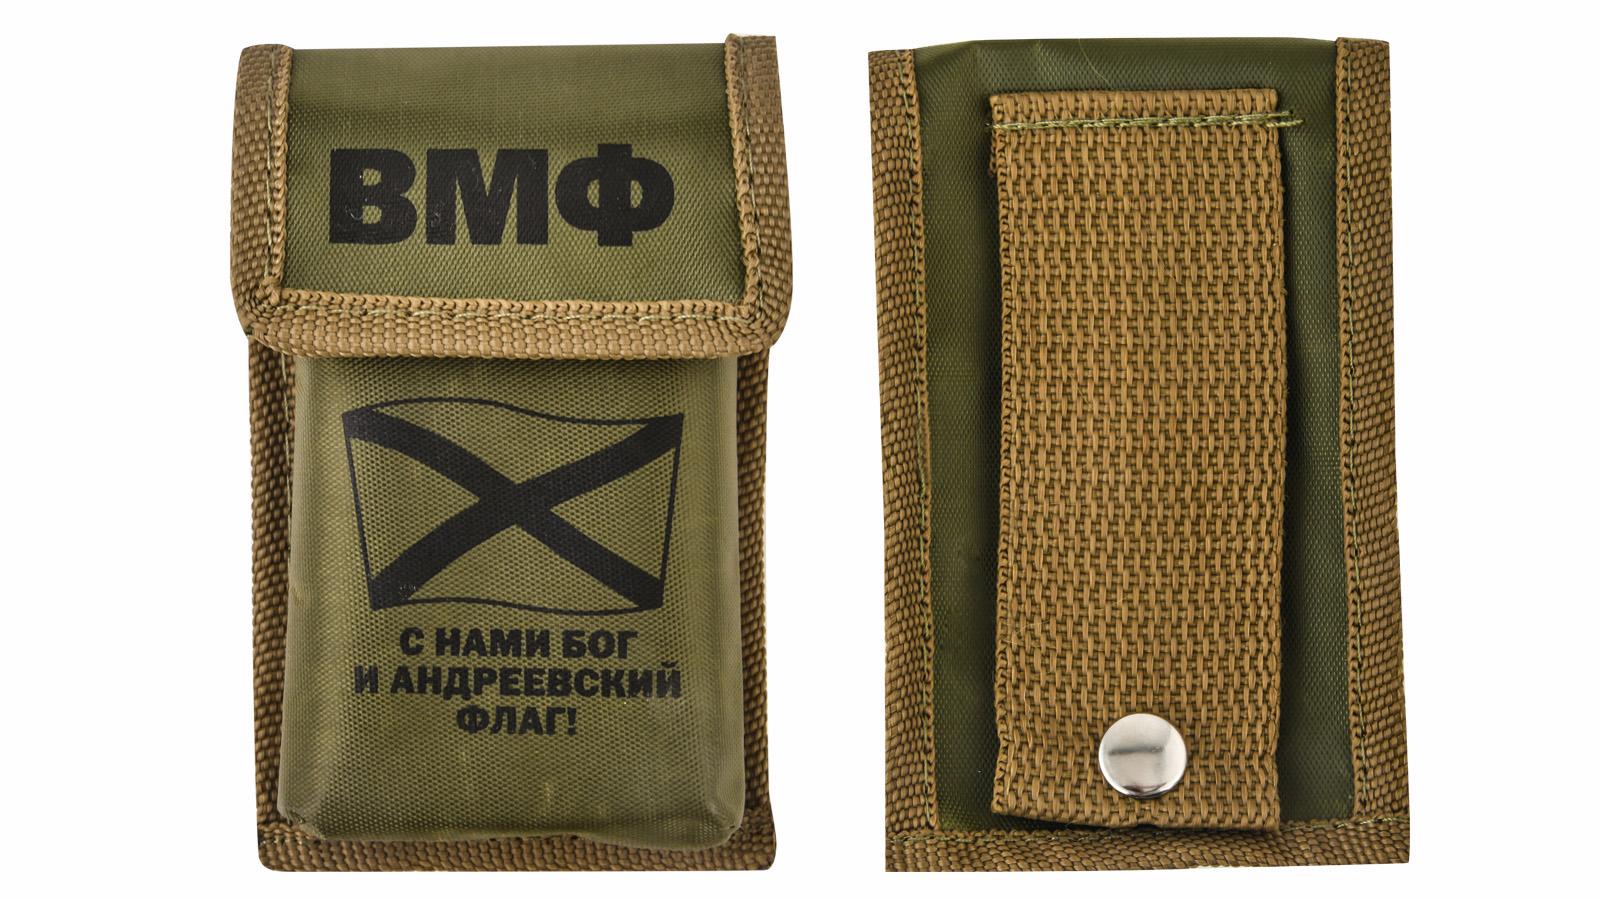 Сувениры Военно-морского флота России